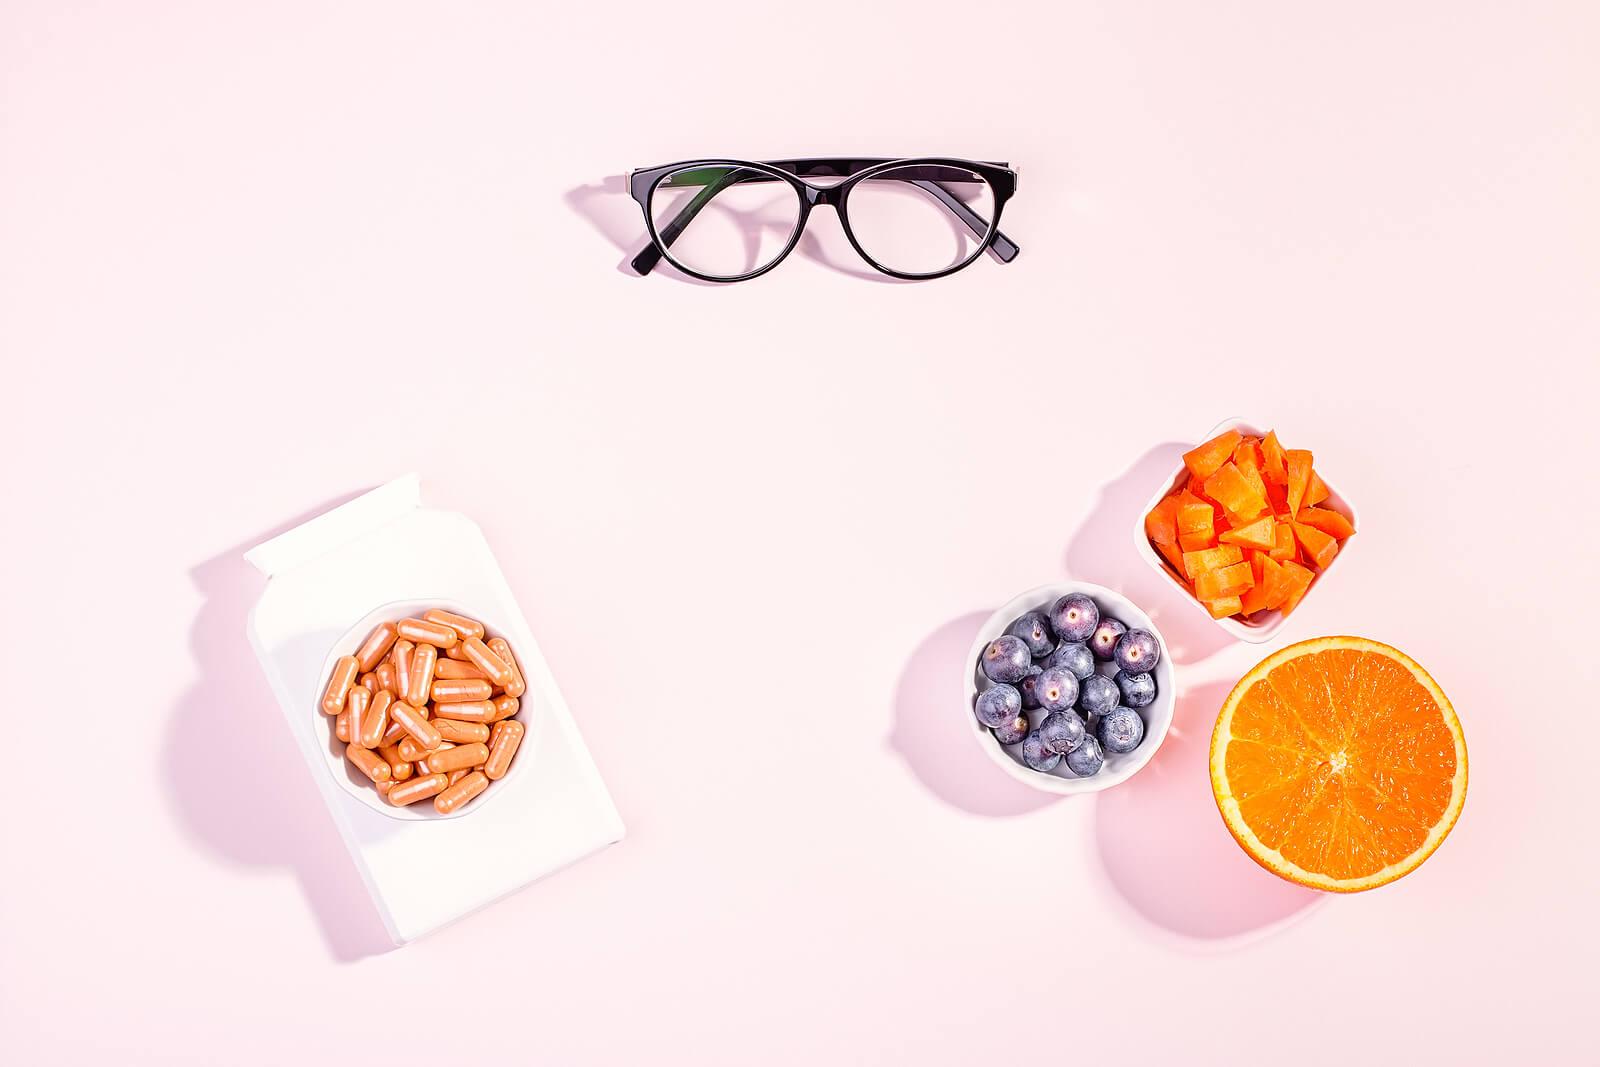 La vitamina a tiene mucha importancia en niños y embarazadas.